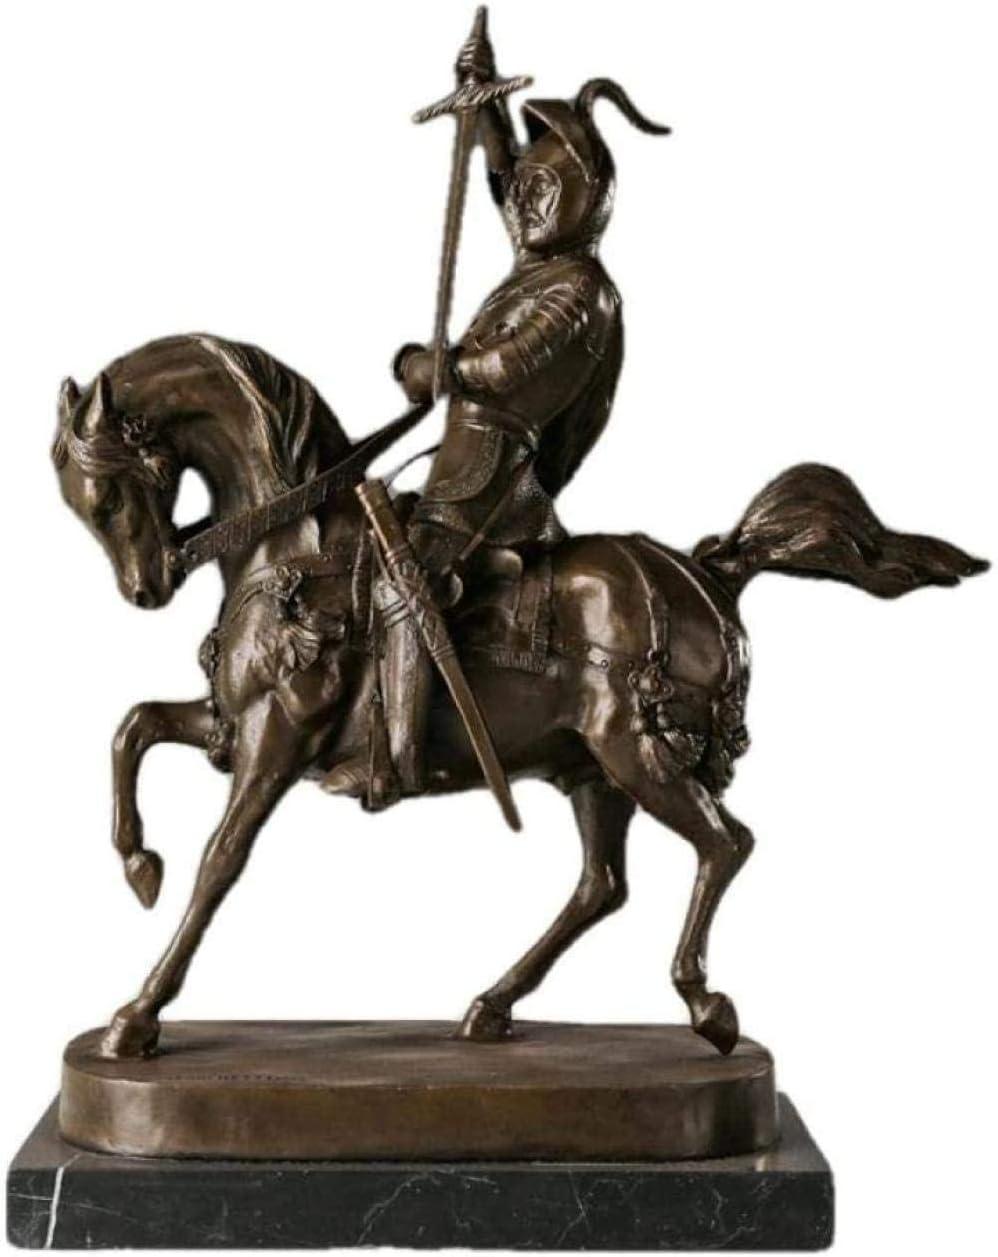 FTFTO Equipo de Vida Escultura Decoración Figuras coleccionables Regalos artesanales Montar a Caballo Medieval Bronce común Estatua de Soldado Antiguo Guerrero Cobre